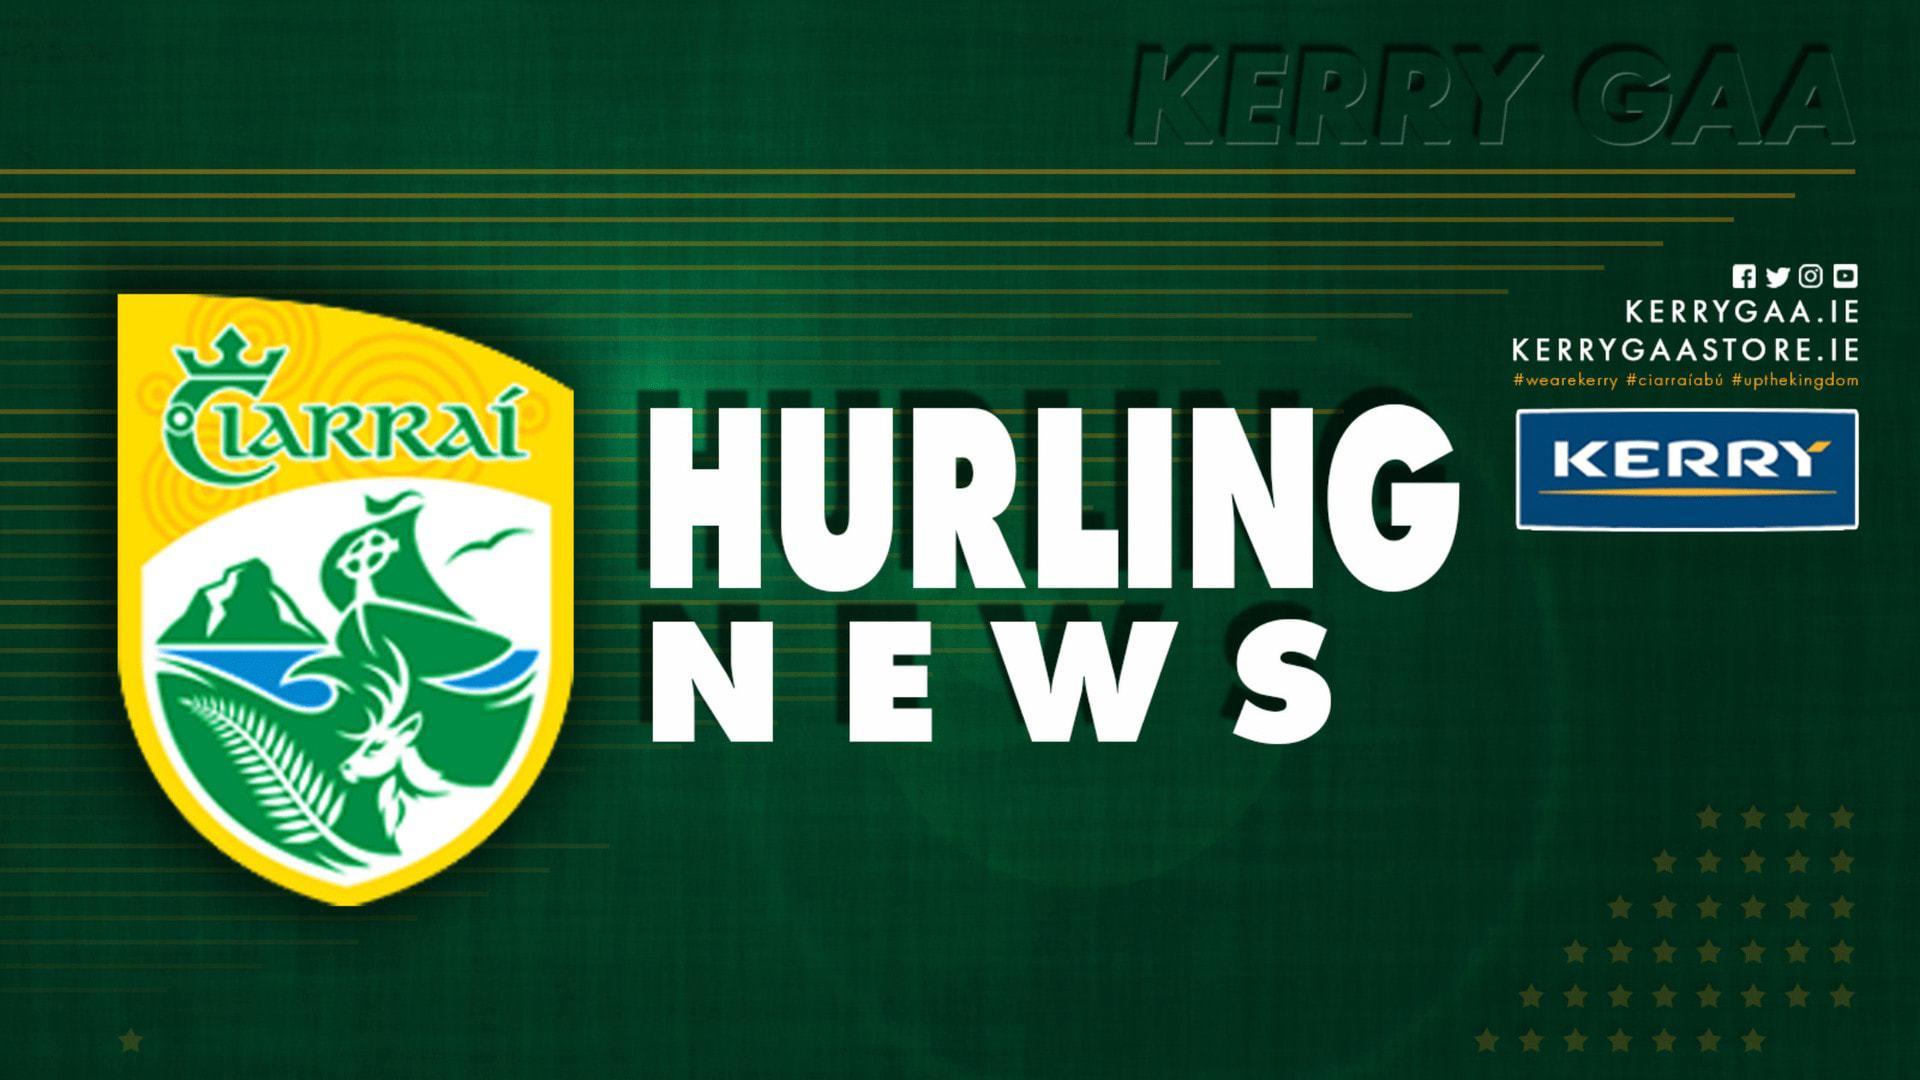 This week's Hurling News